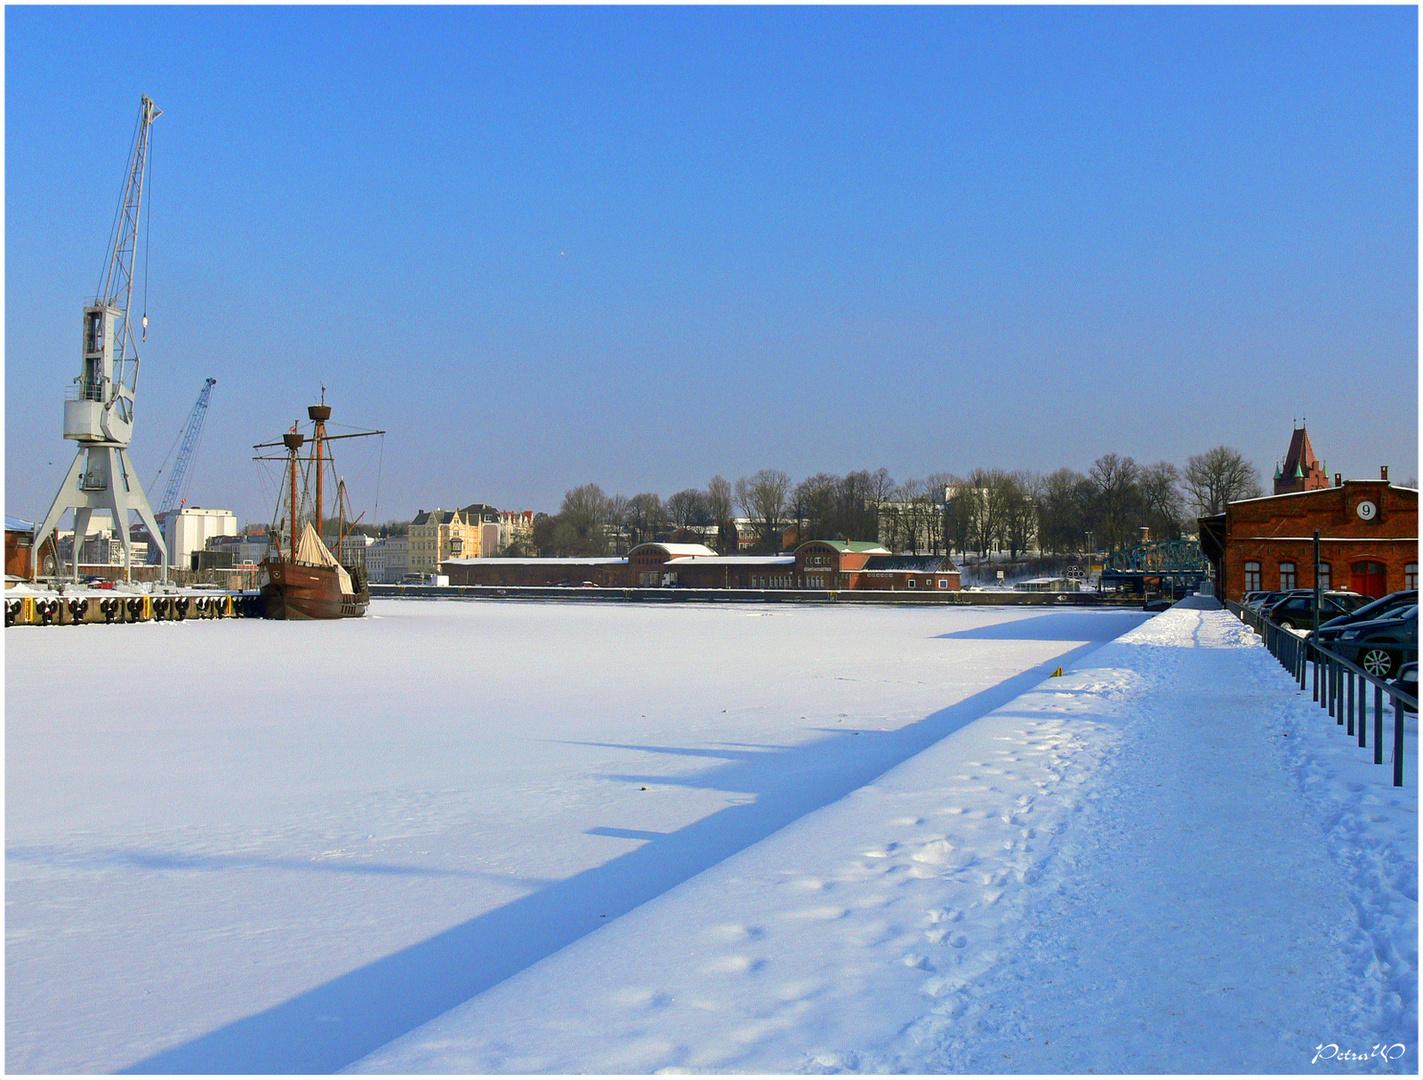 Heute vor 3 Jahren - 2010 - war auch noch Winter